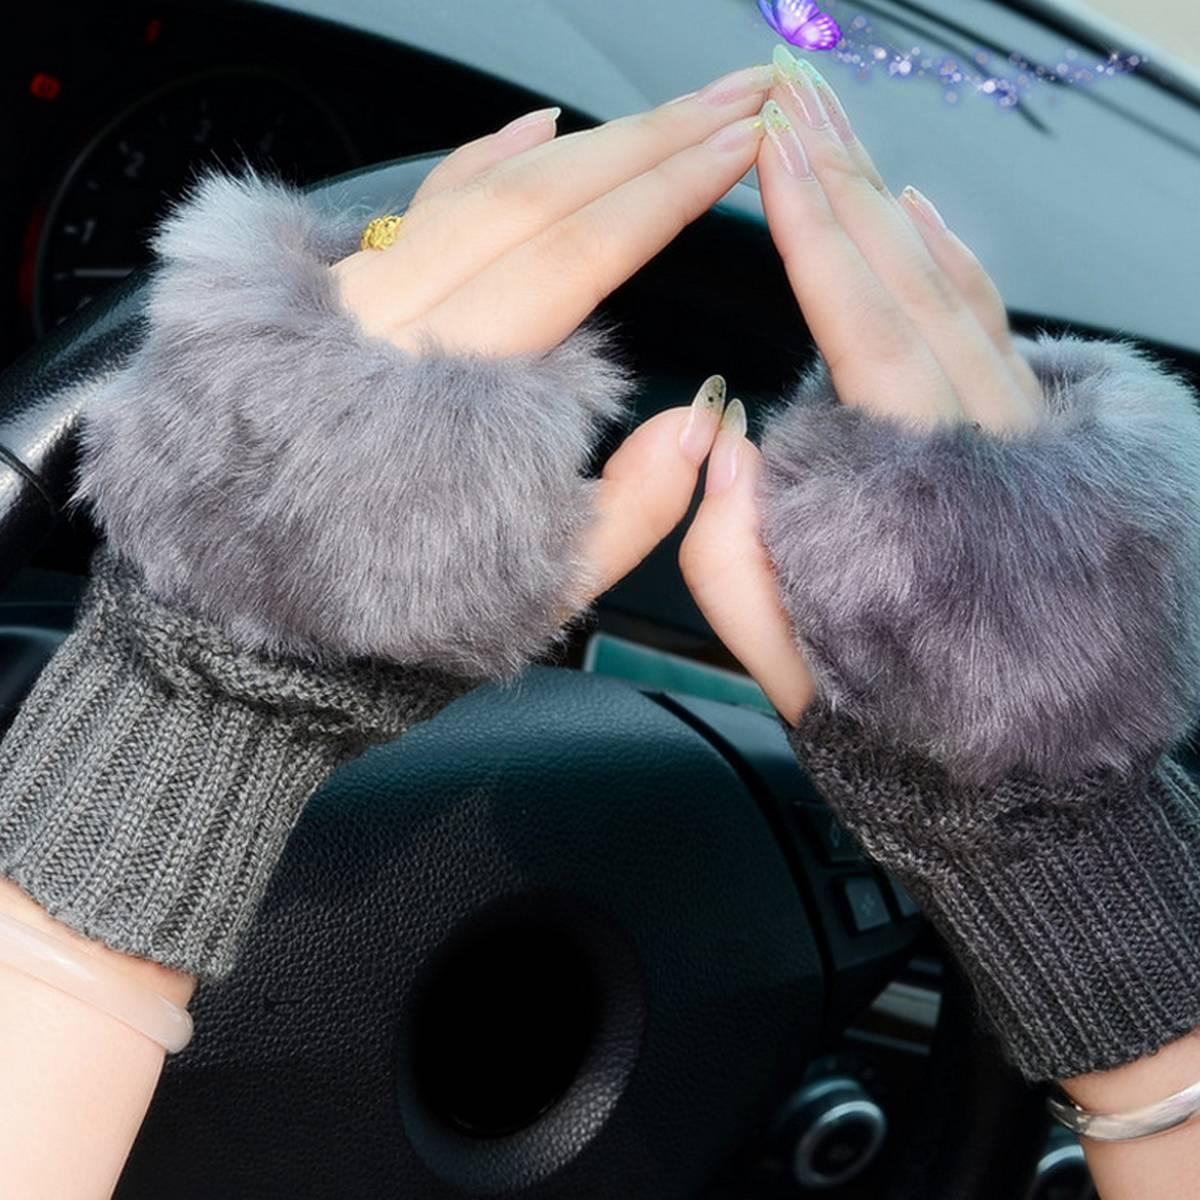 Wool Gloves Fancy Winter Women Grils wool glovs Gloves Knitting Woo wool glovs l Keep Warm Short Mitten Fingerless Lady Girl Half Finger Gloves Rabbit Lady hand Gloves KAAA759